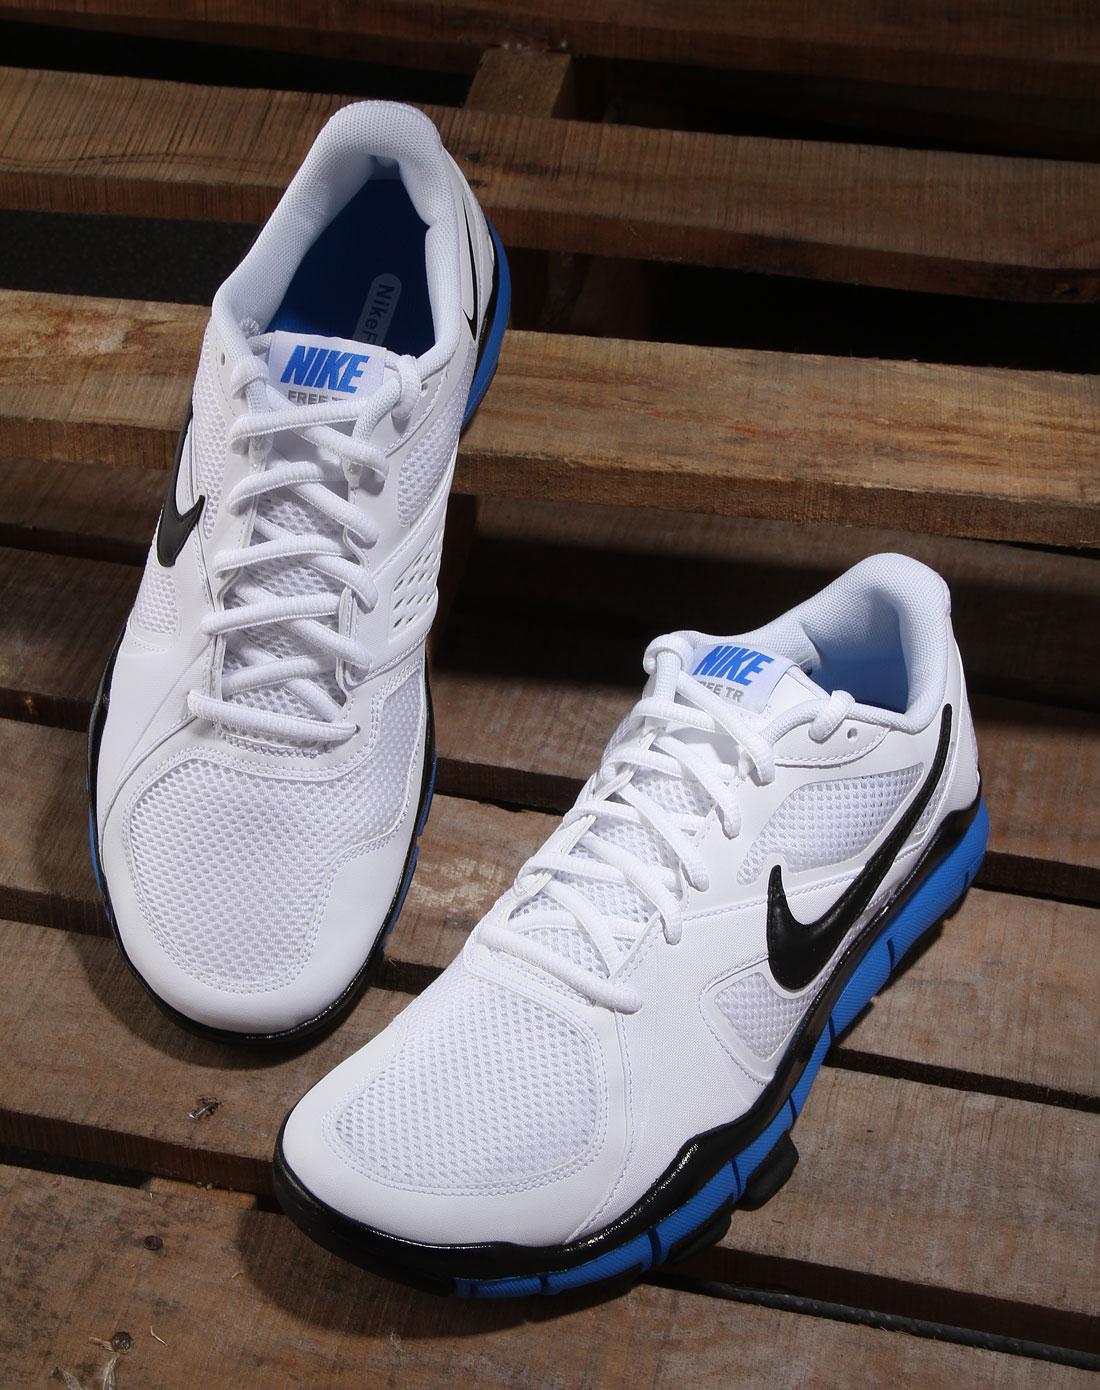 耐克nike-白色free tr2运动鞋442031-102